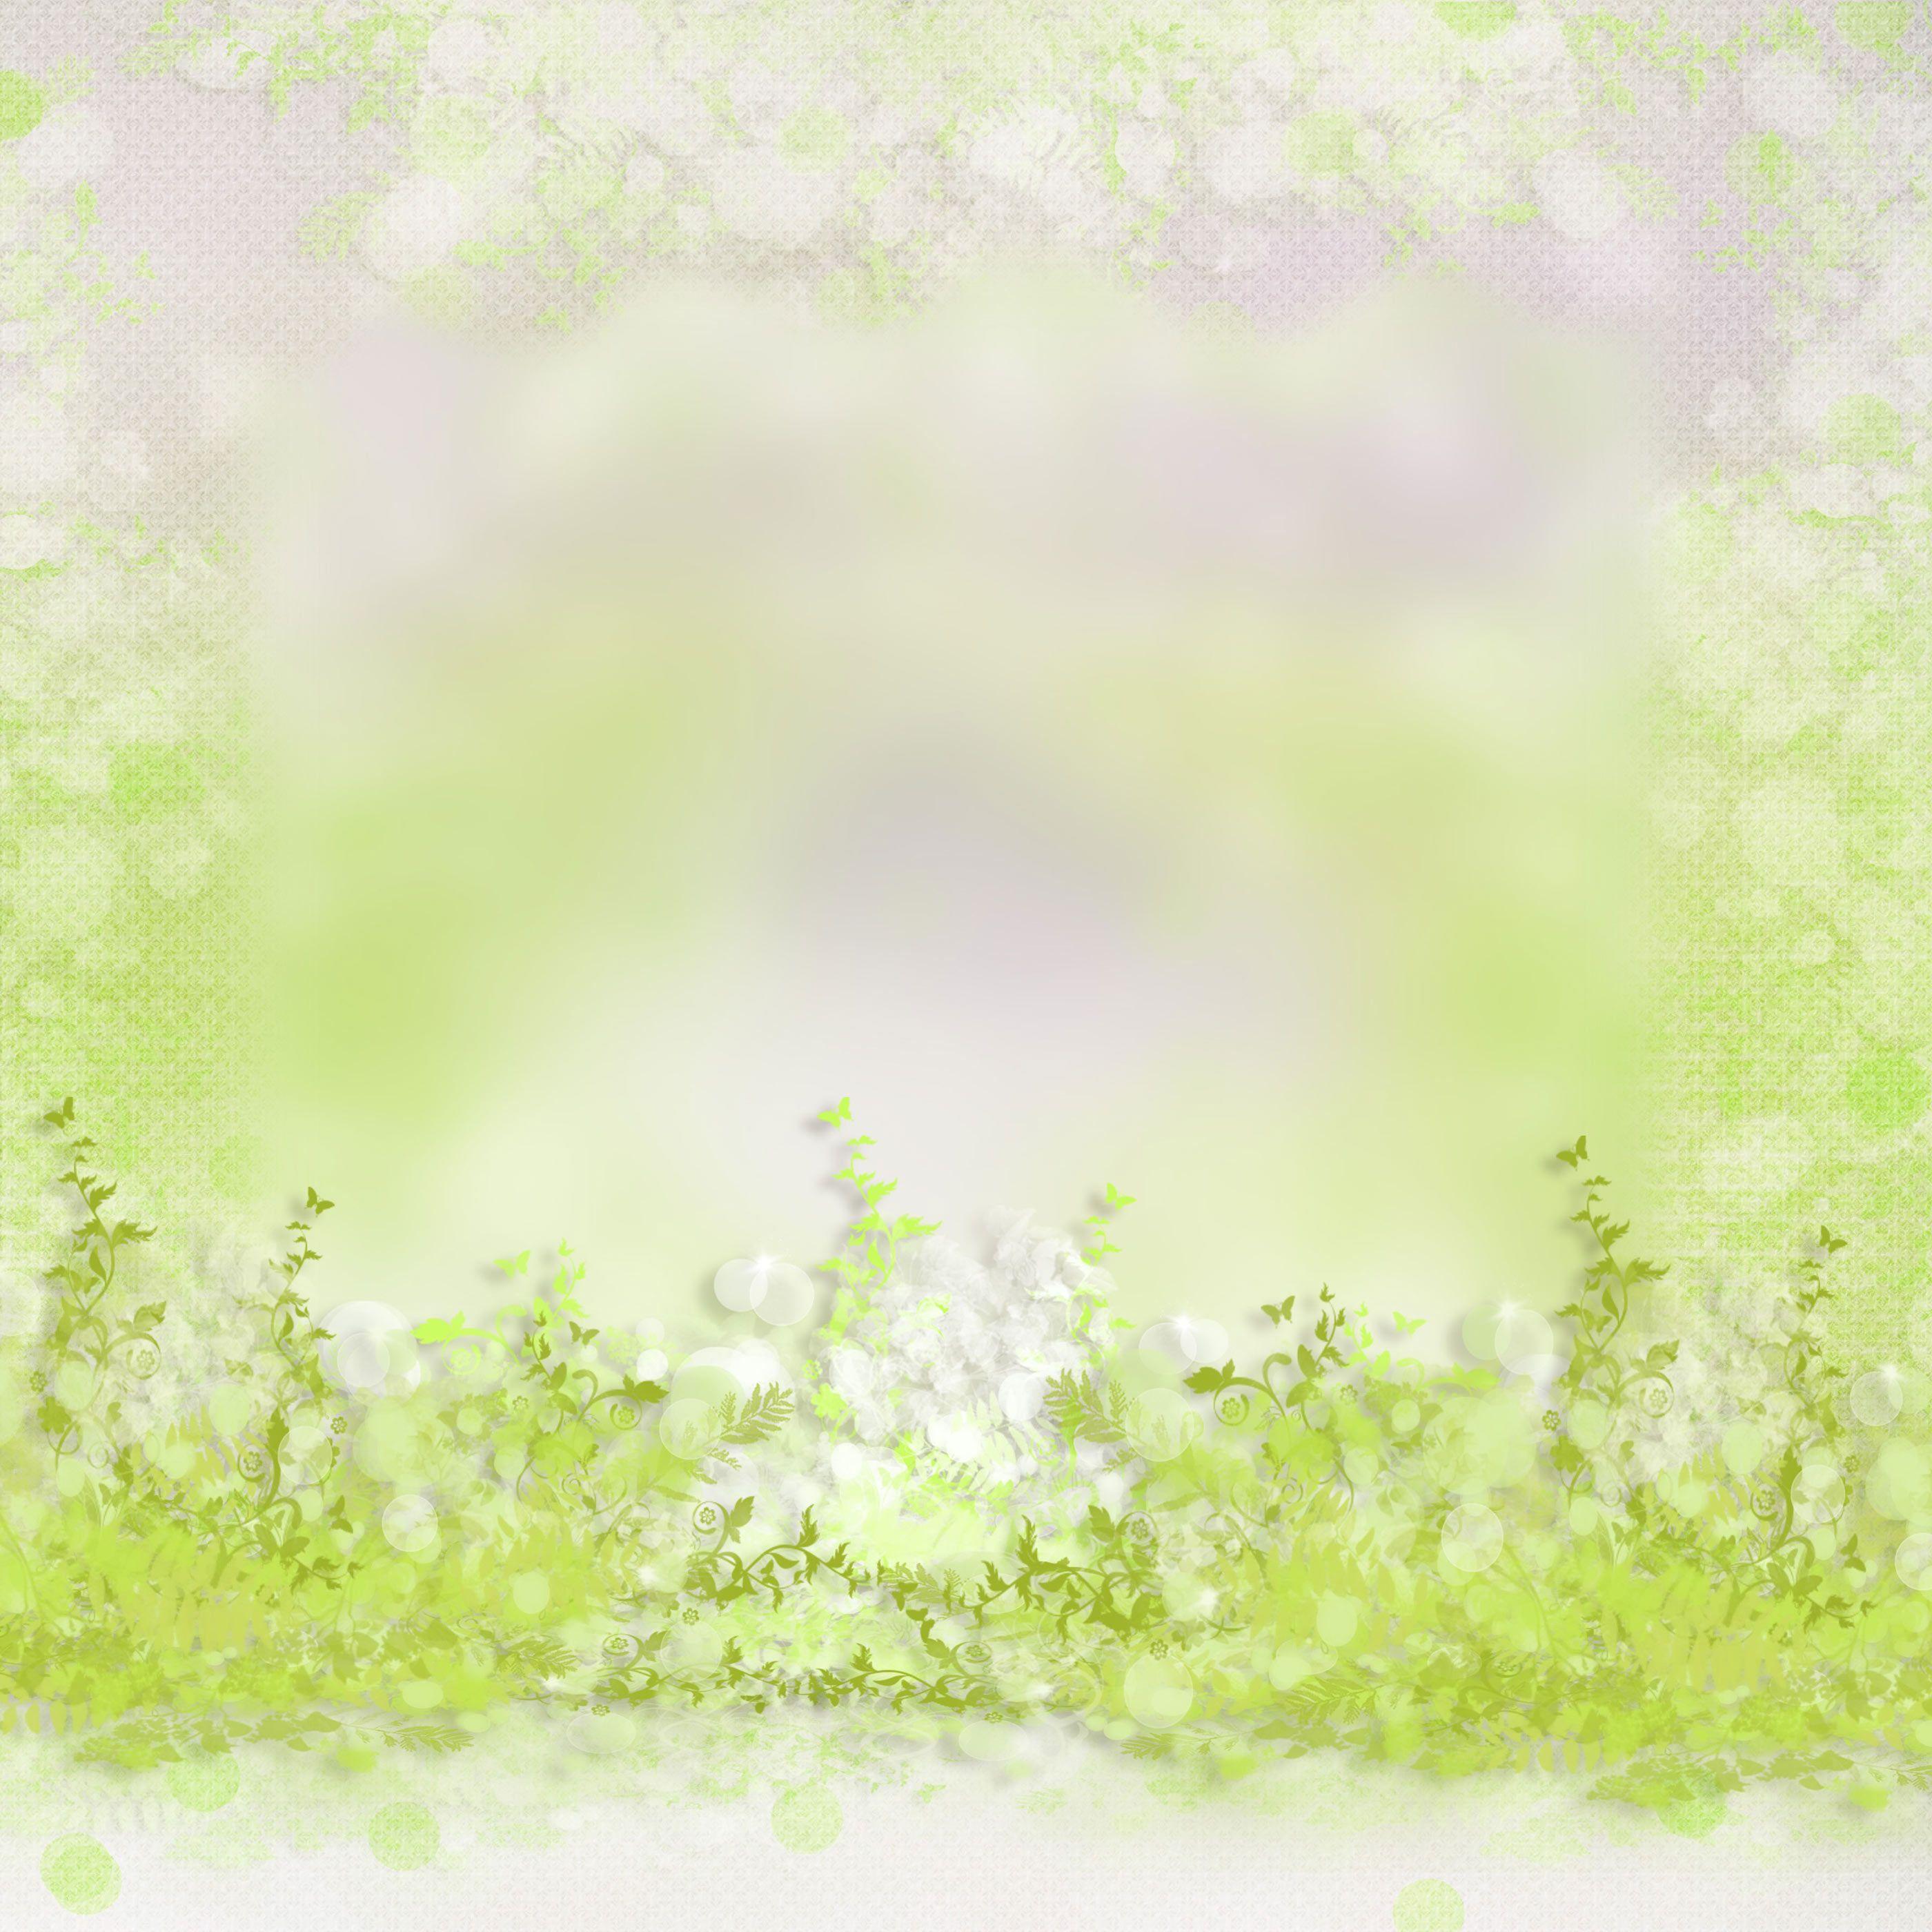 фото природы высокого разрешения весна